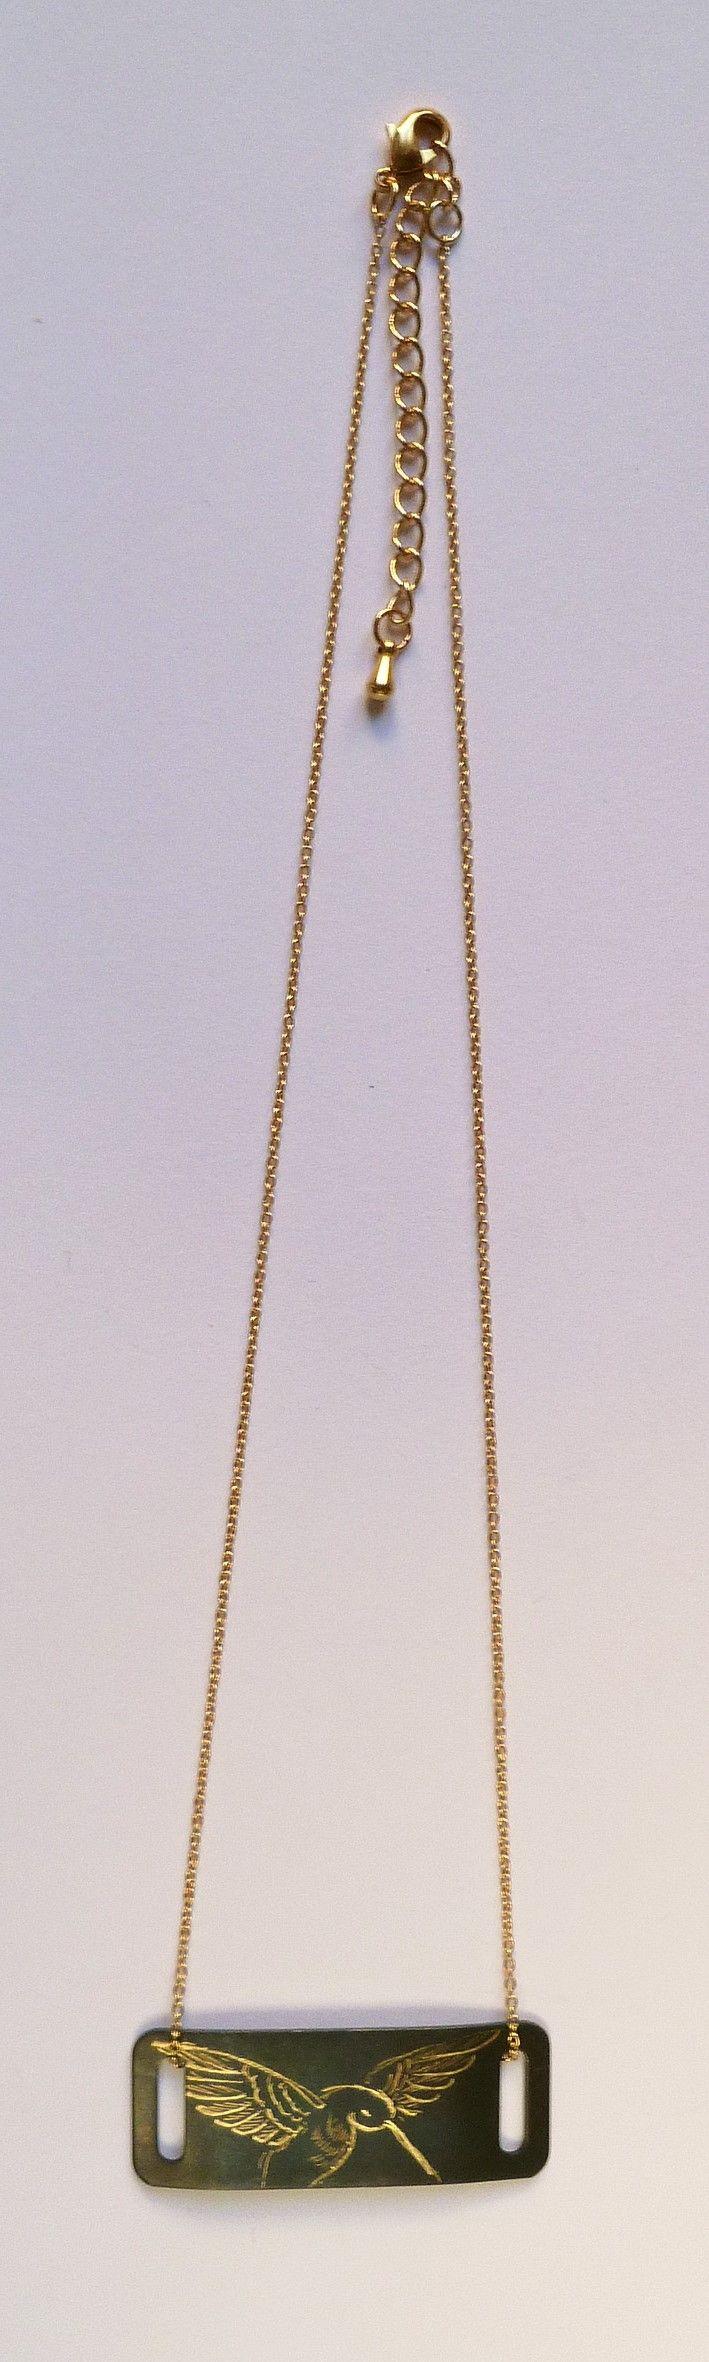 Collier doré avec pendentif rectangle.